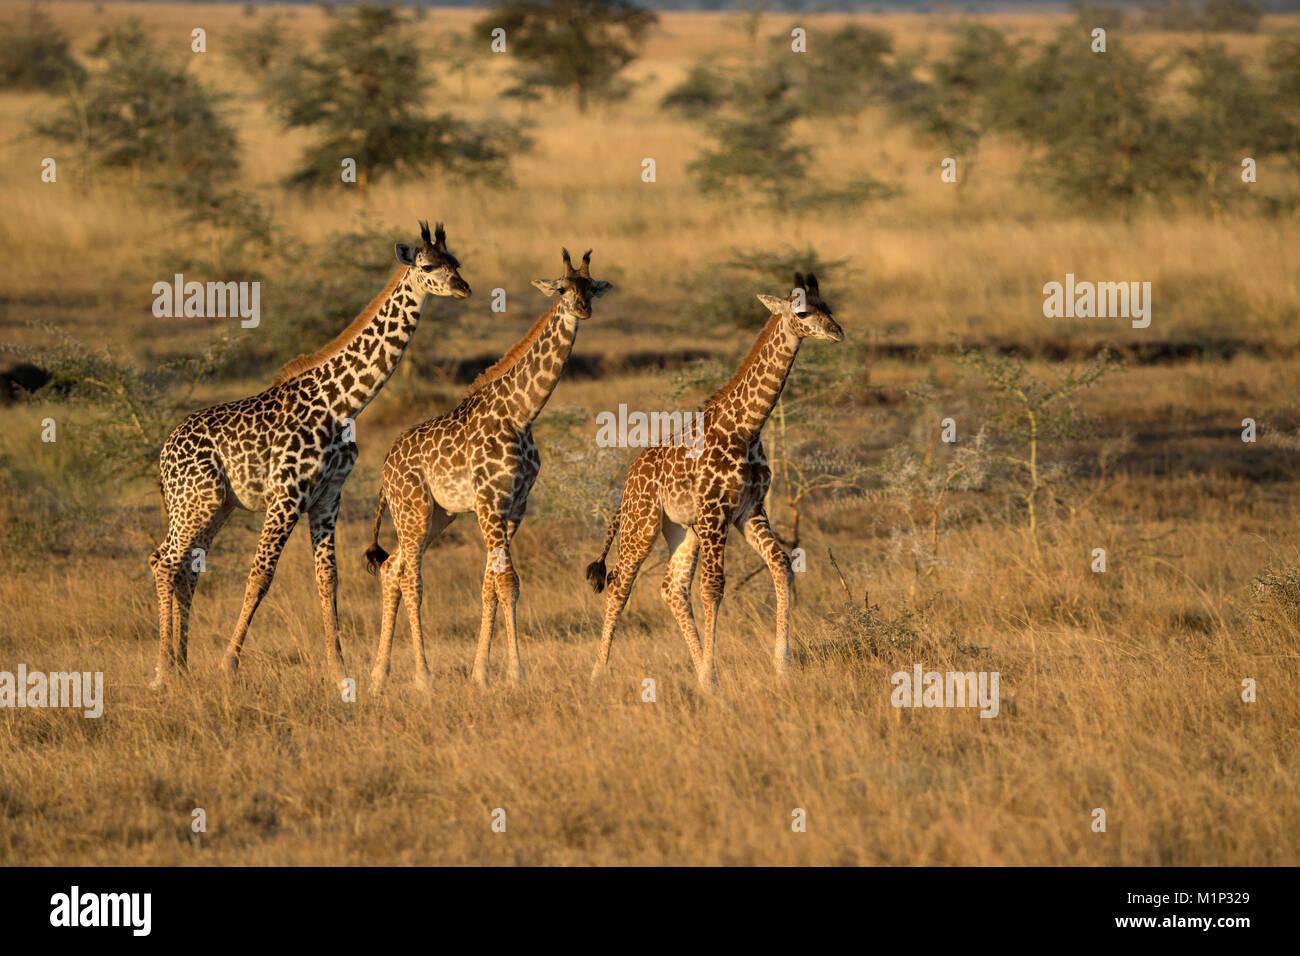 Los jóvenes jirafas (Giraffa camelopardalis), Parque Nacional de Serengueti, Tanzania, África oriental, Imagen De Stock